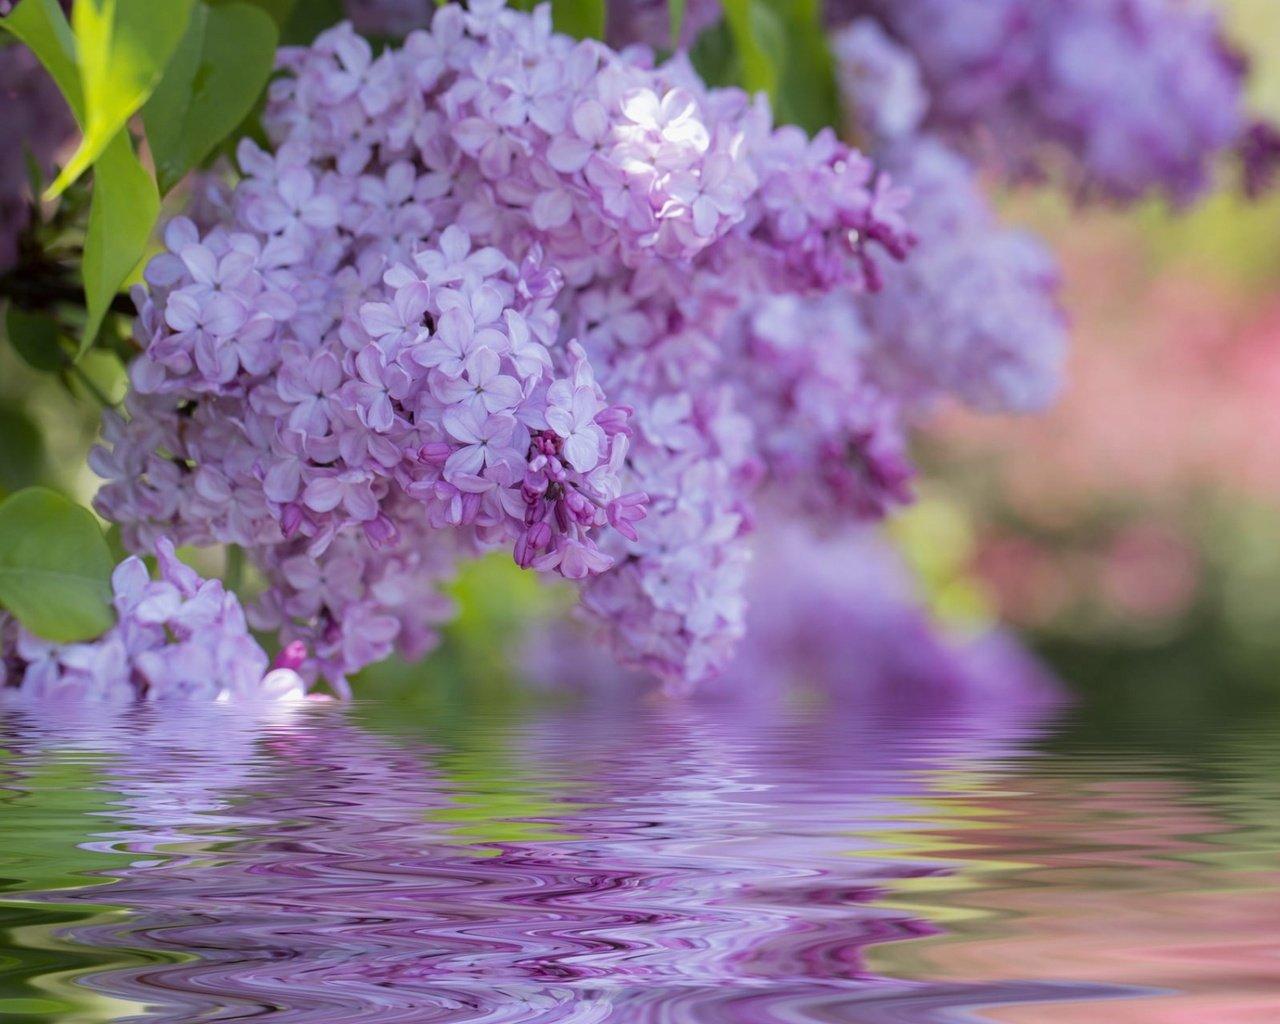 это открытки с цветами и пожеланиями хорошего настроения если сложить задние